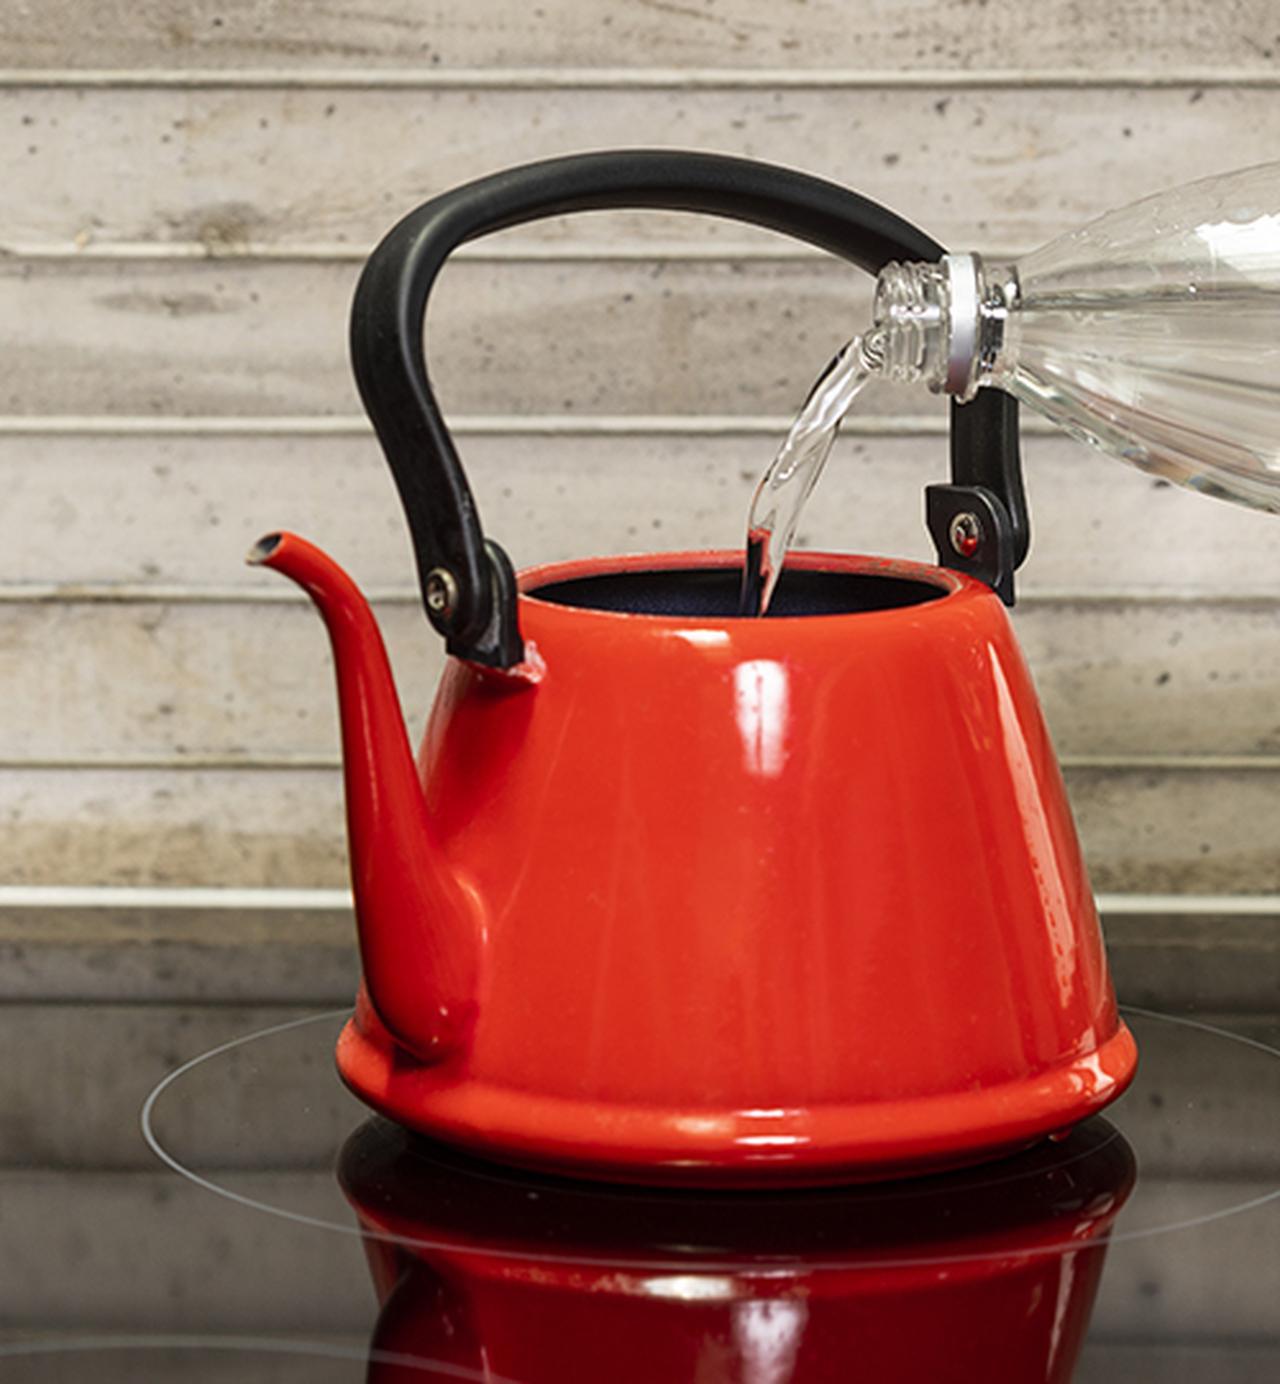 画像: ❶ペットボトル半分の水道水を入れ、沸騰したら火を止め、残りの水道水も入れる